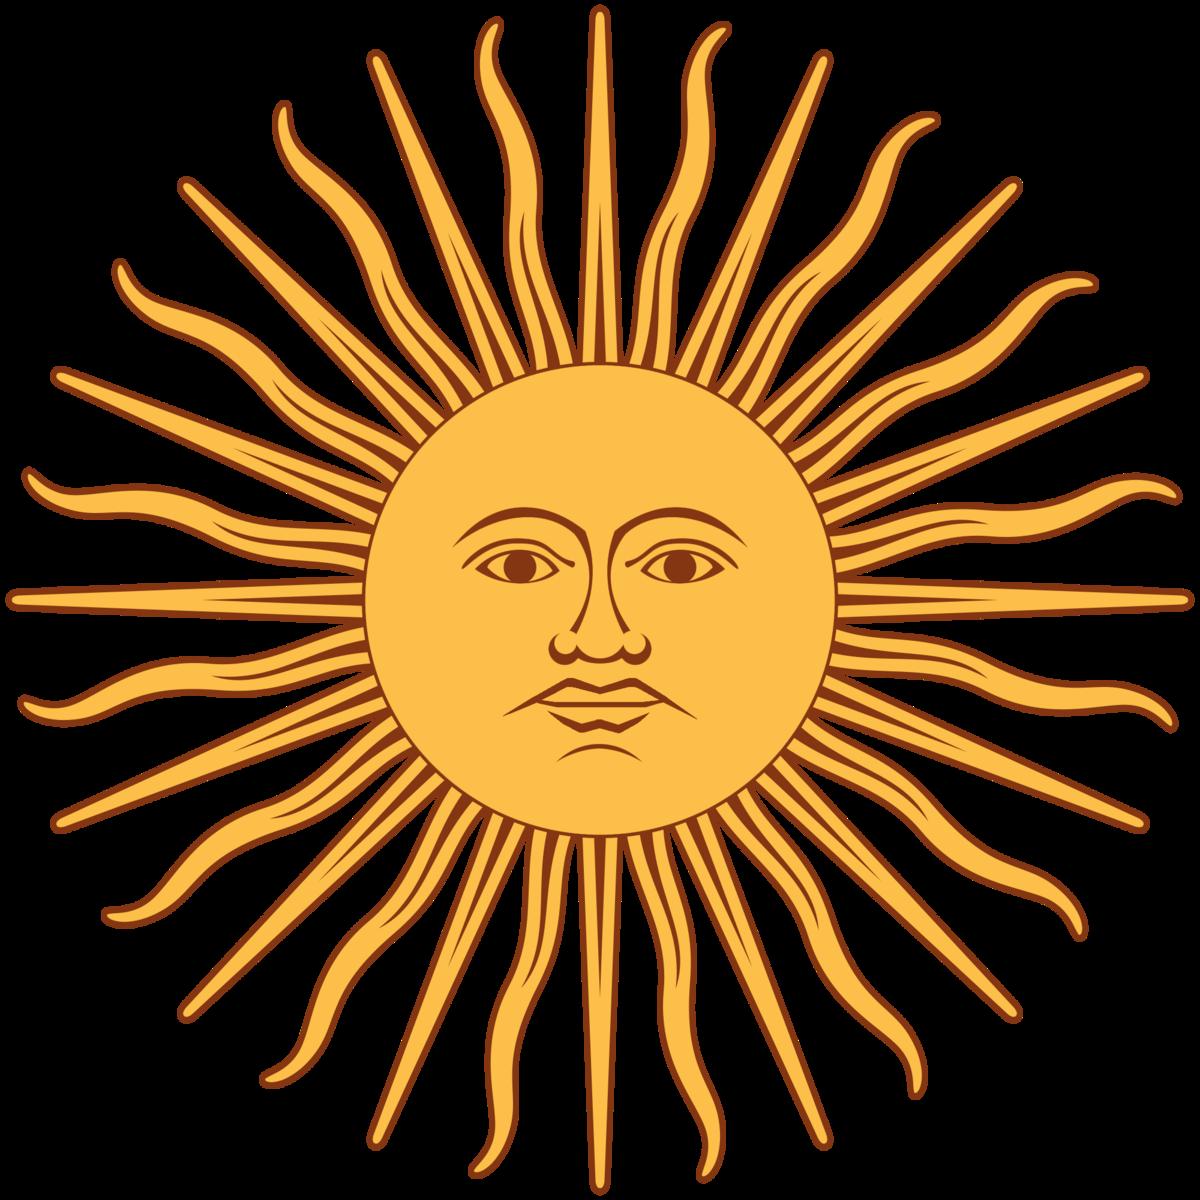 File:Sol de Mayo Bandera Argentina.png - Wikipedia